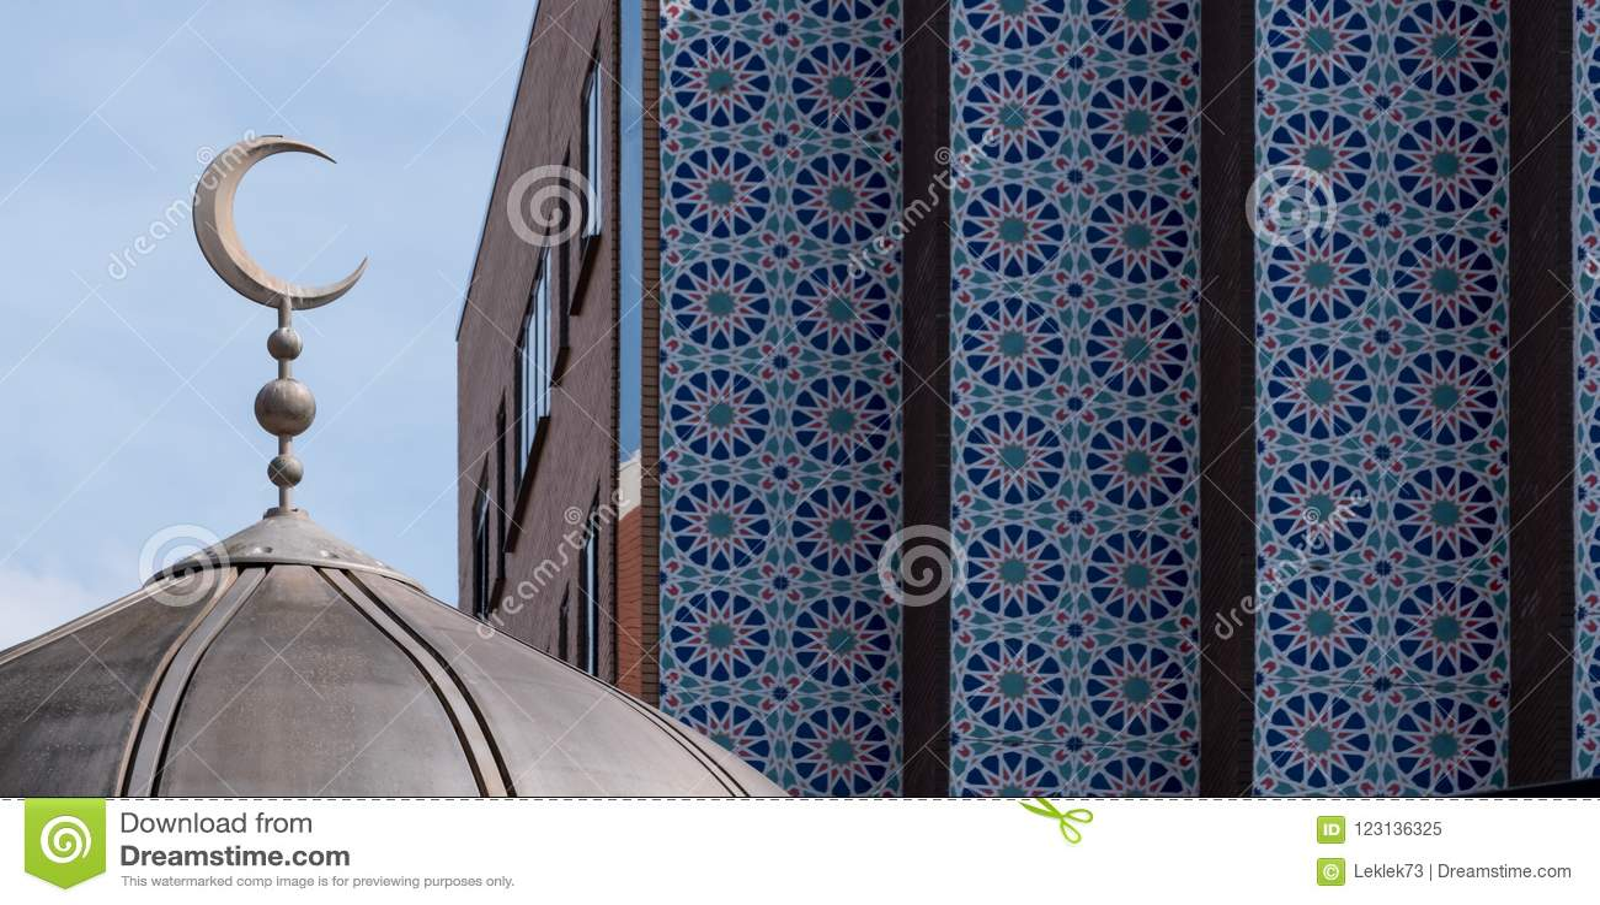 Feche acima da abóbada da mesquita do leste de Londres na estrada de Whitechapel, com as telhas de mosaico do centro muçulmano de